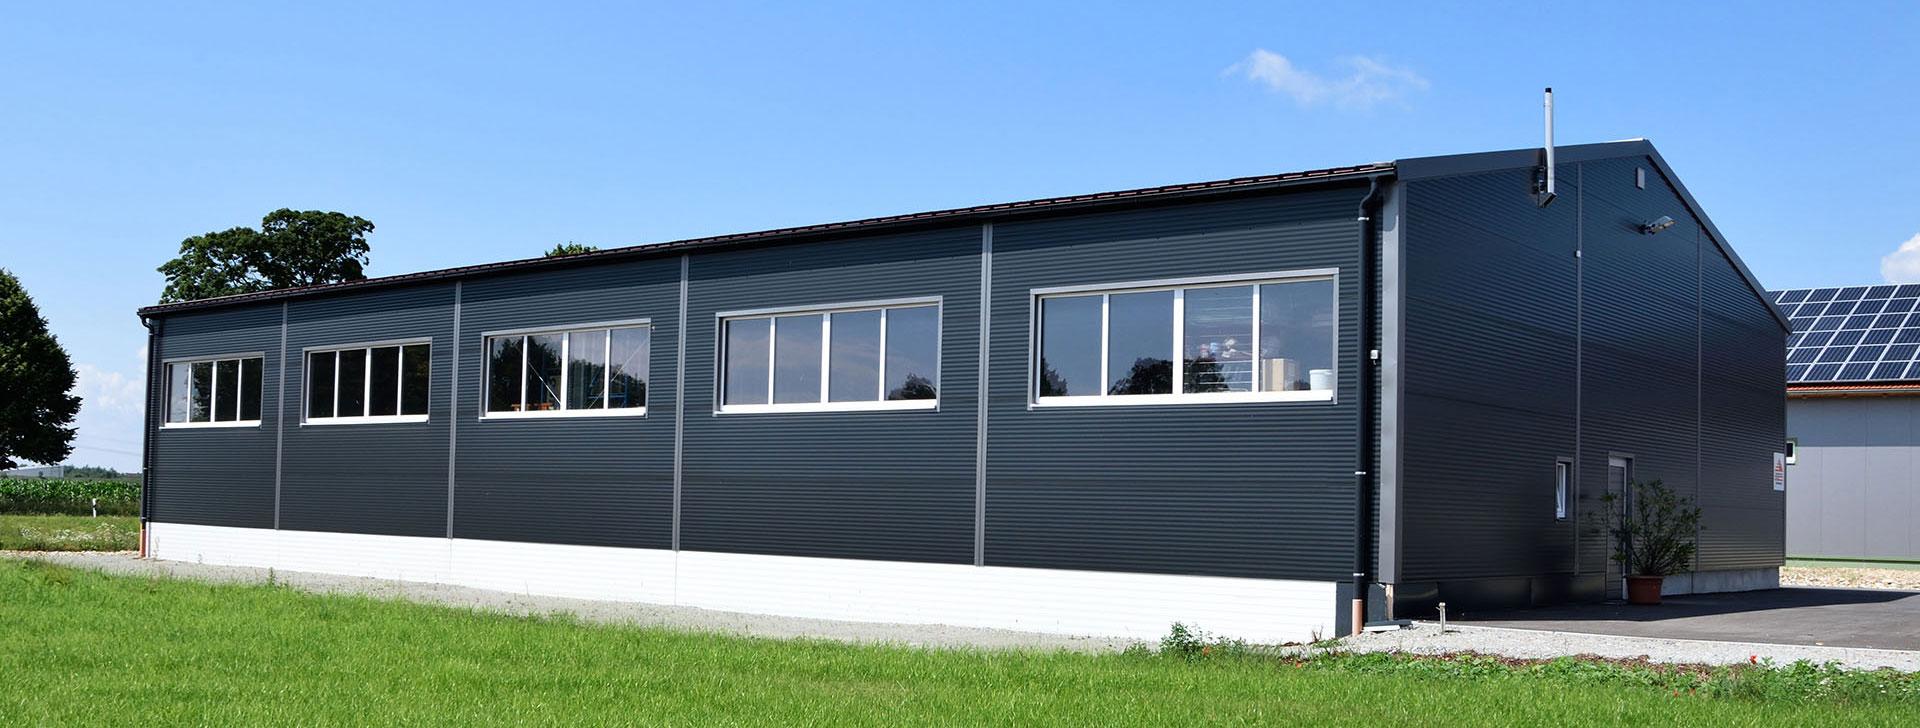 Lagerhalle mit Fensterband